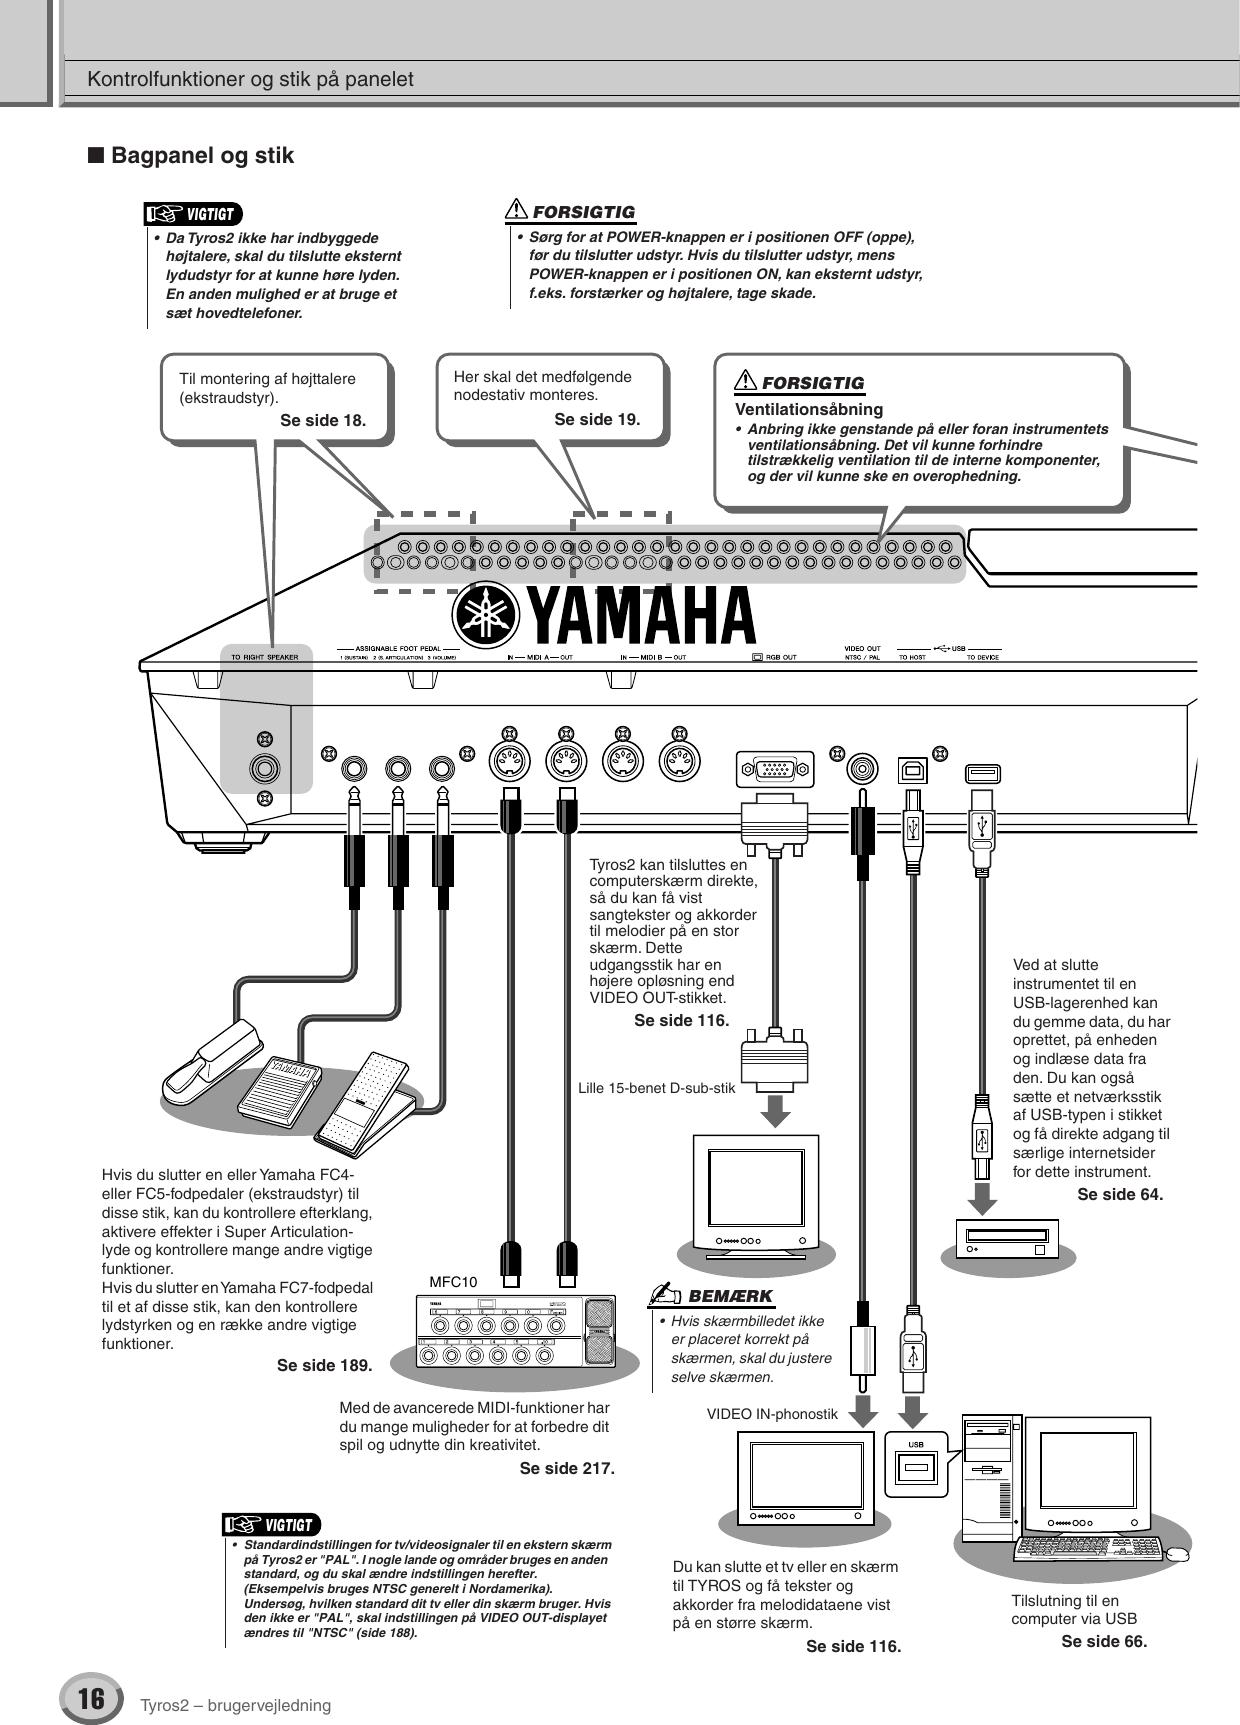 Yamaha-modtageren tilslutter sig